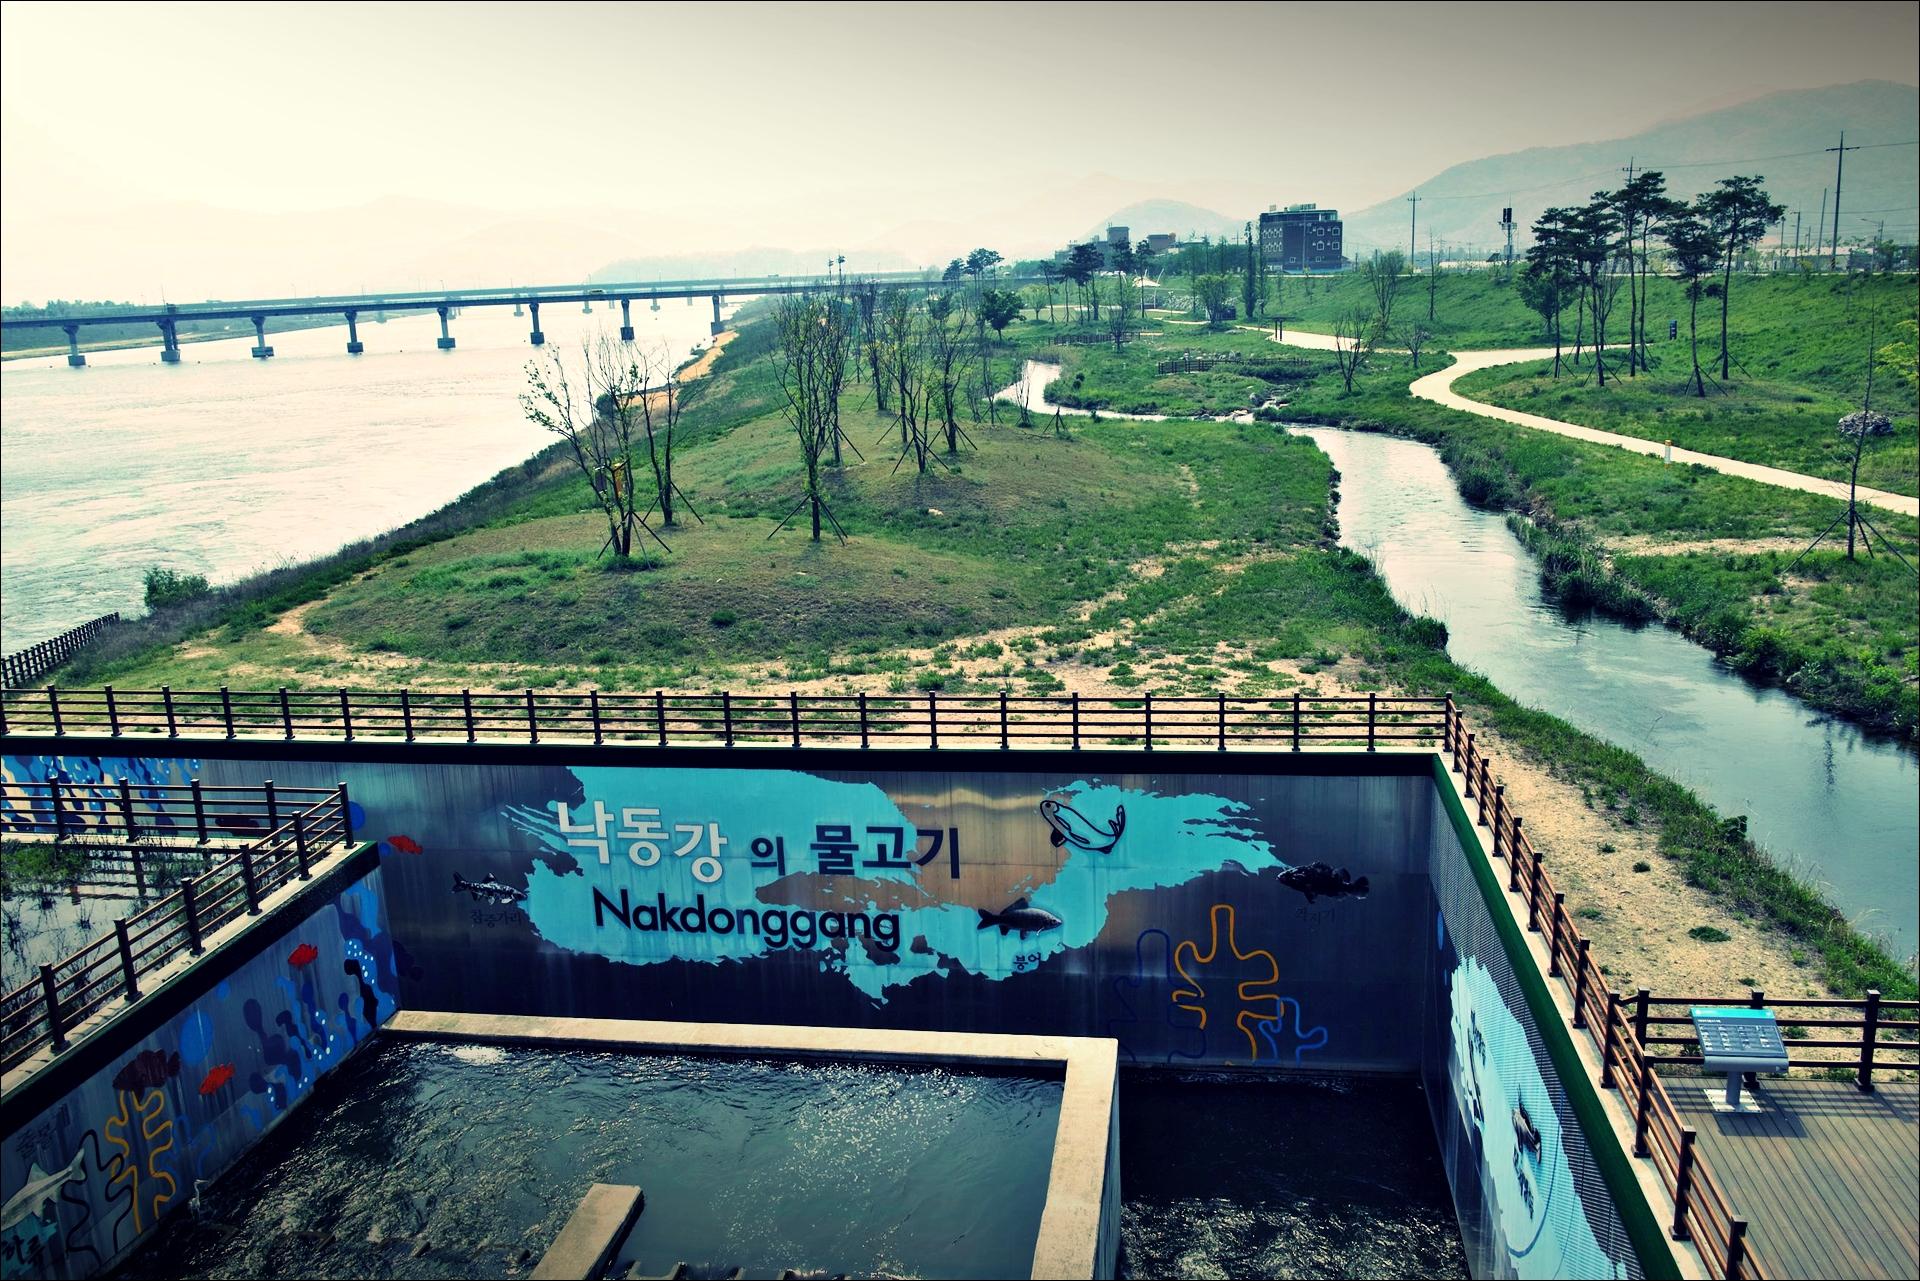 낙동강의 물고기-'낙동강 자전거 종주여행'